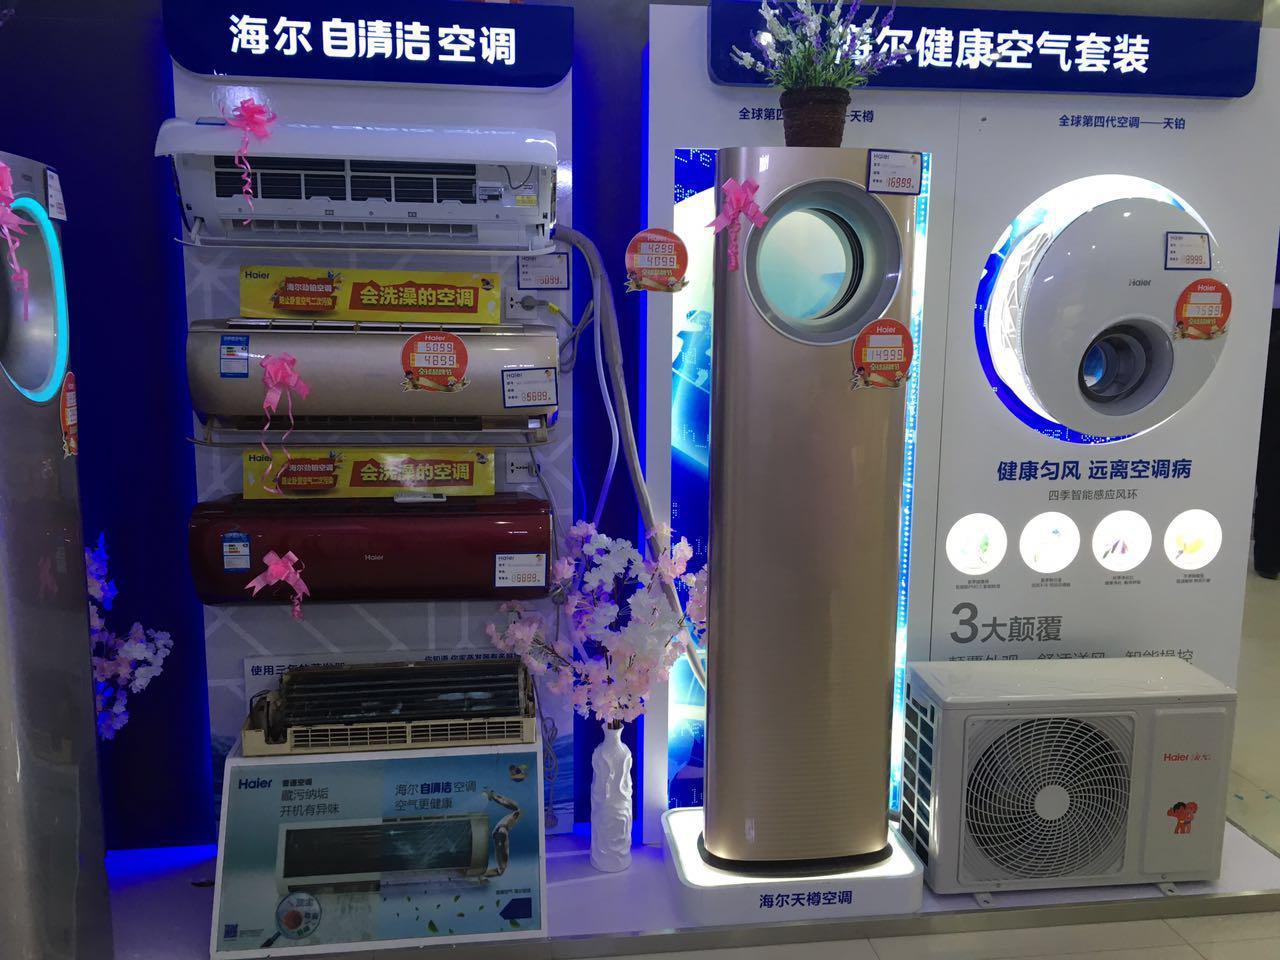 郑州海尔空调售后_海尔空调店美的空调店海尔空调怎么样海尔空调官网